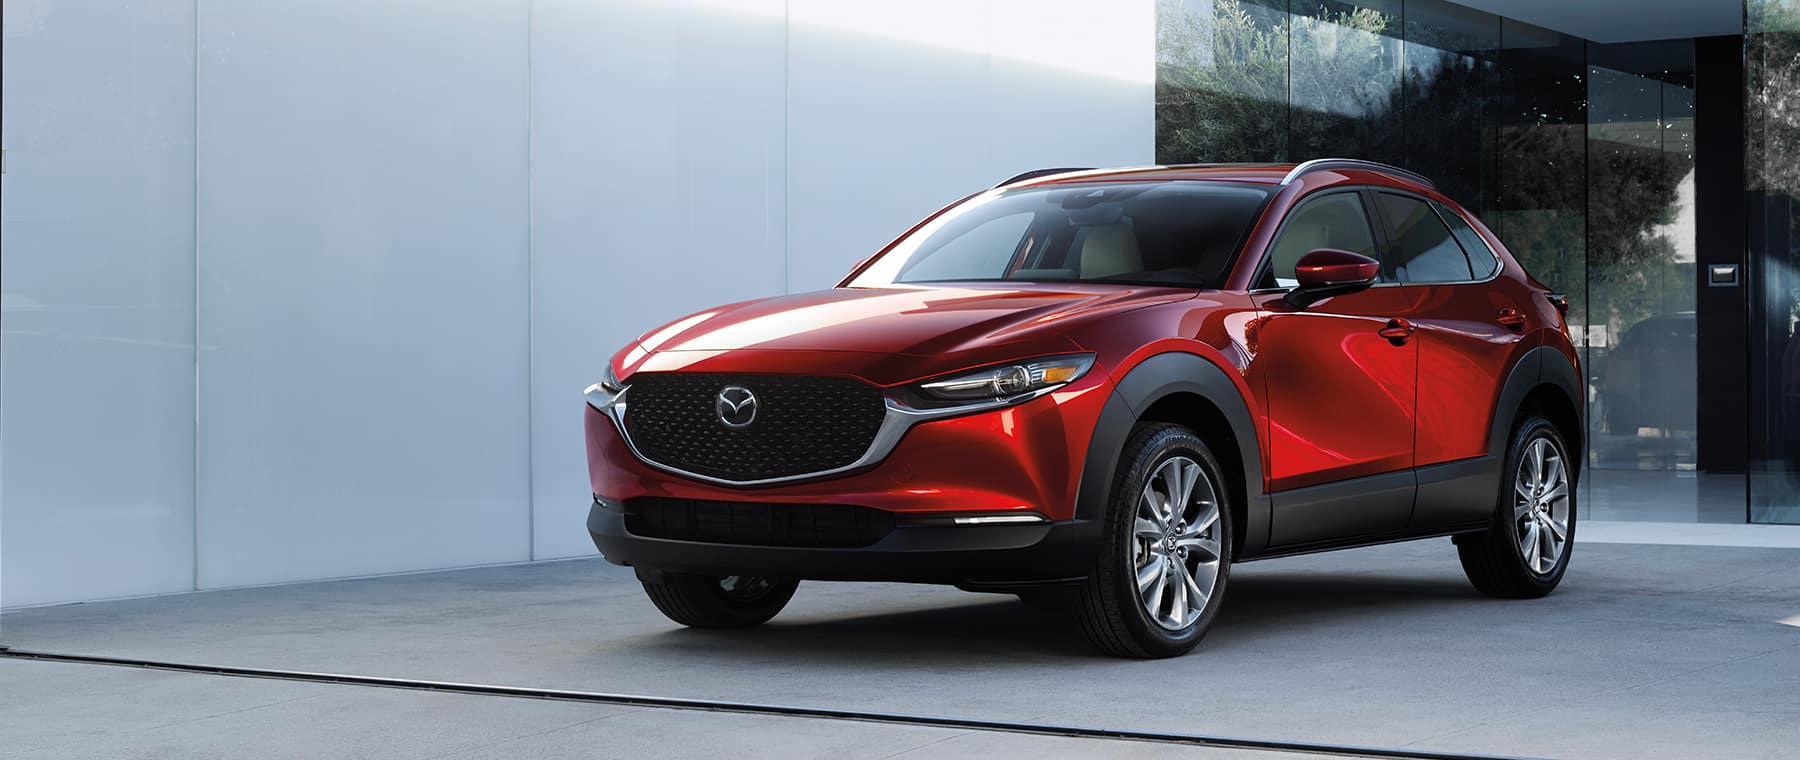 Mazda-1800×760